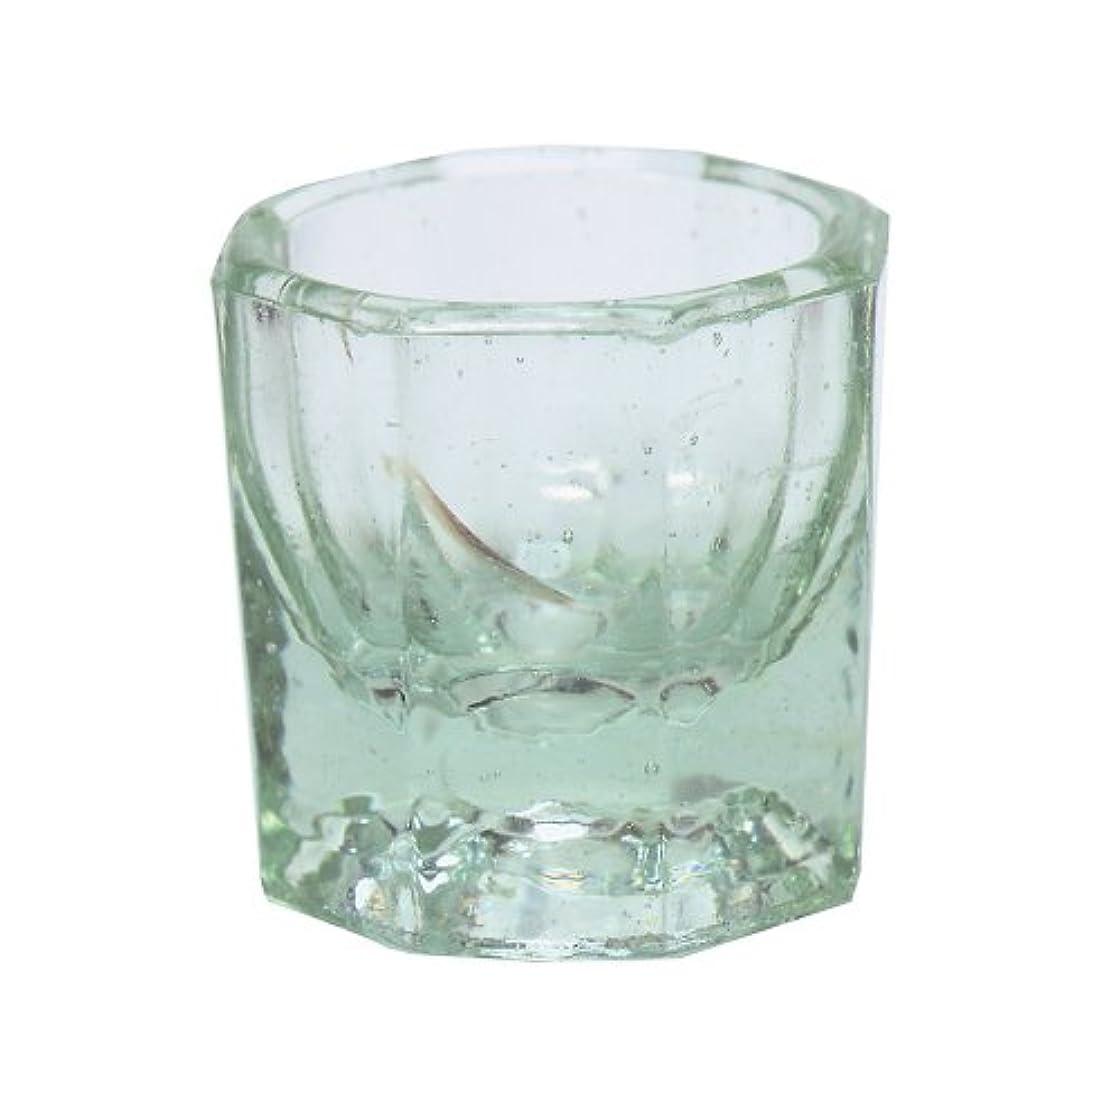 ケント真似る花輪Gaoominy Gaoominy(R)5パック、オールシーズンガラス皿